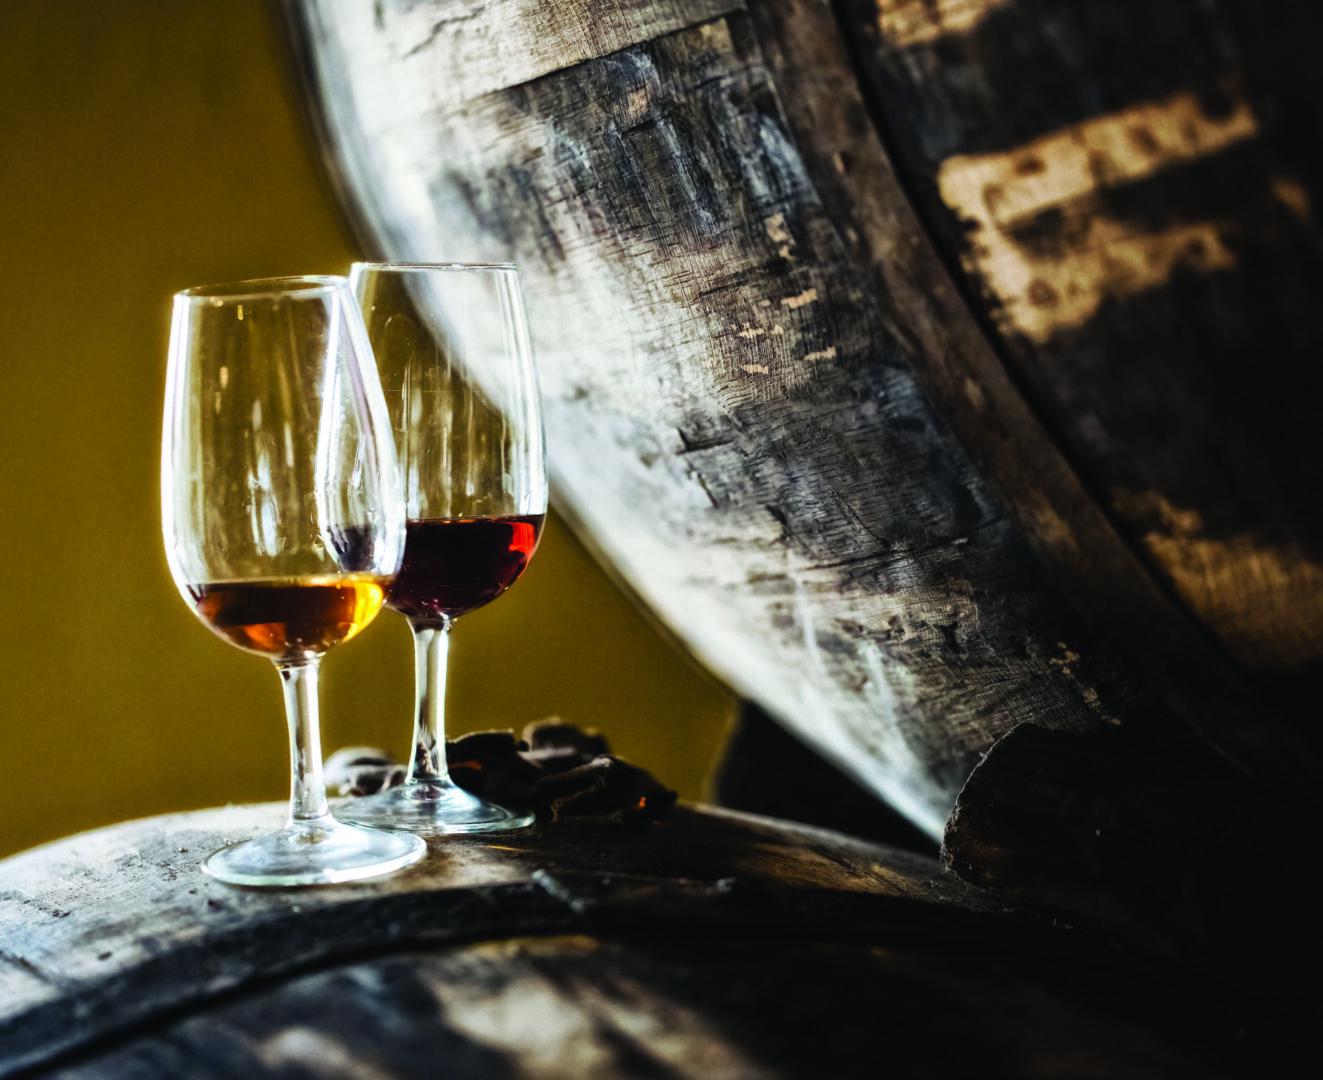 Que tal um copo de Vinho Madeira?